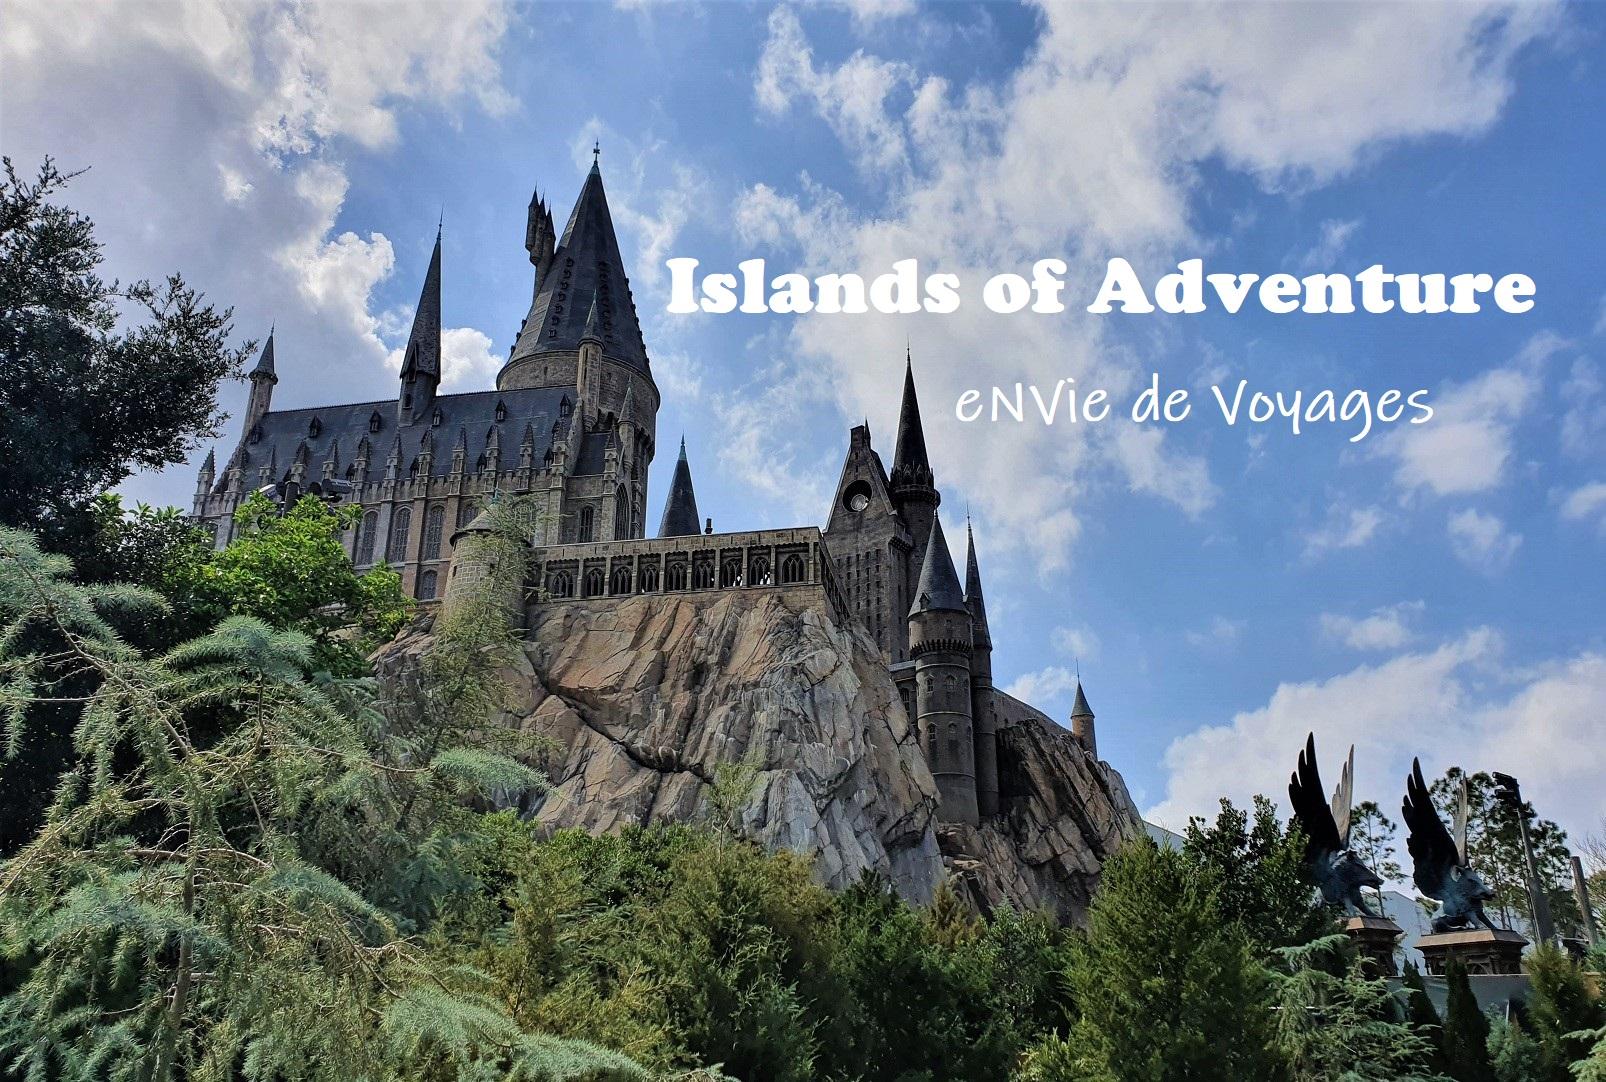 Islands of Adventure